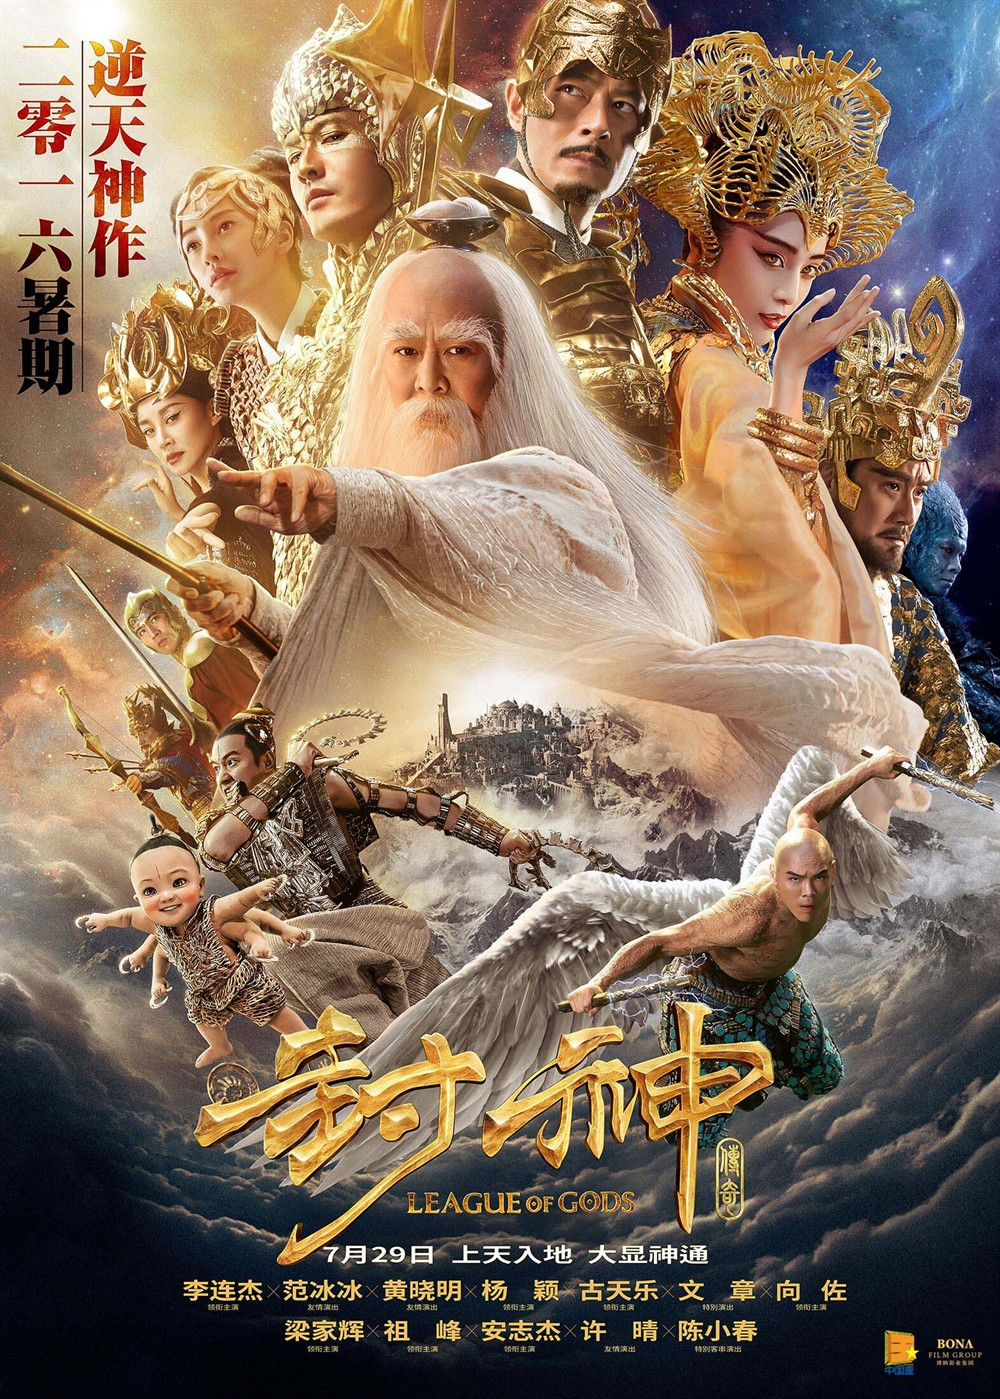 Capa League of Gods Torrent 720p 1080p 4k Dublado Baixar